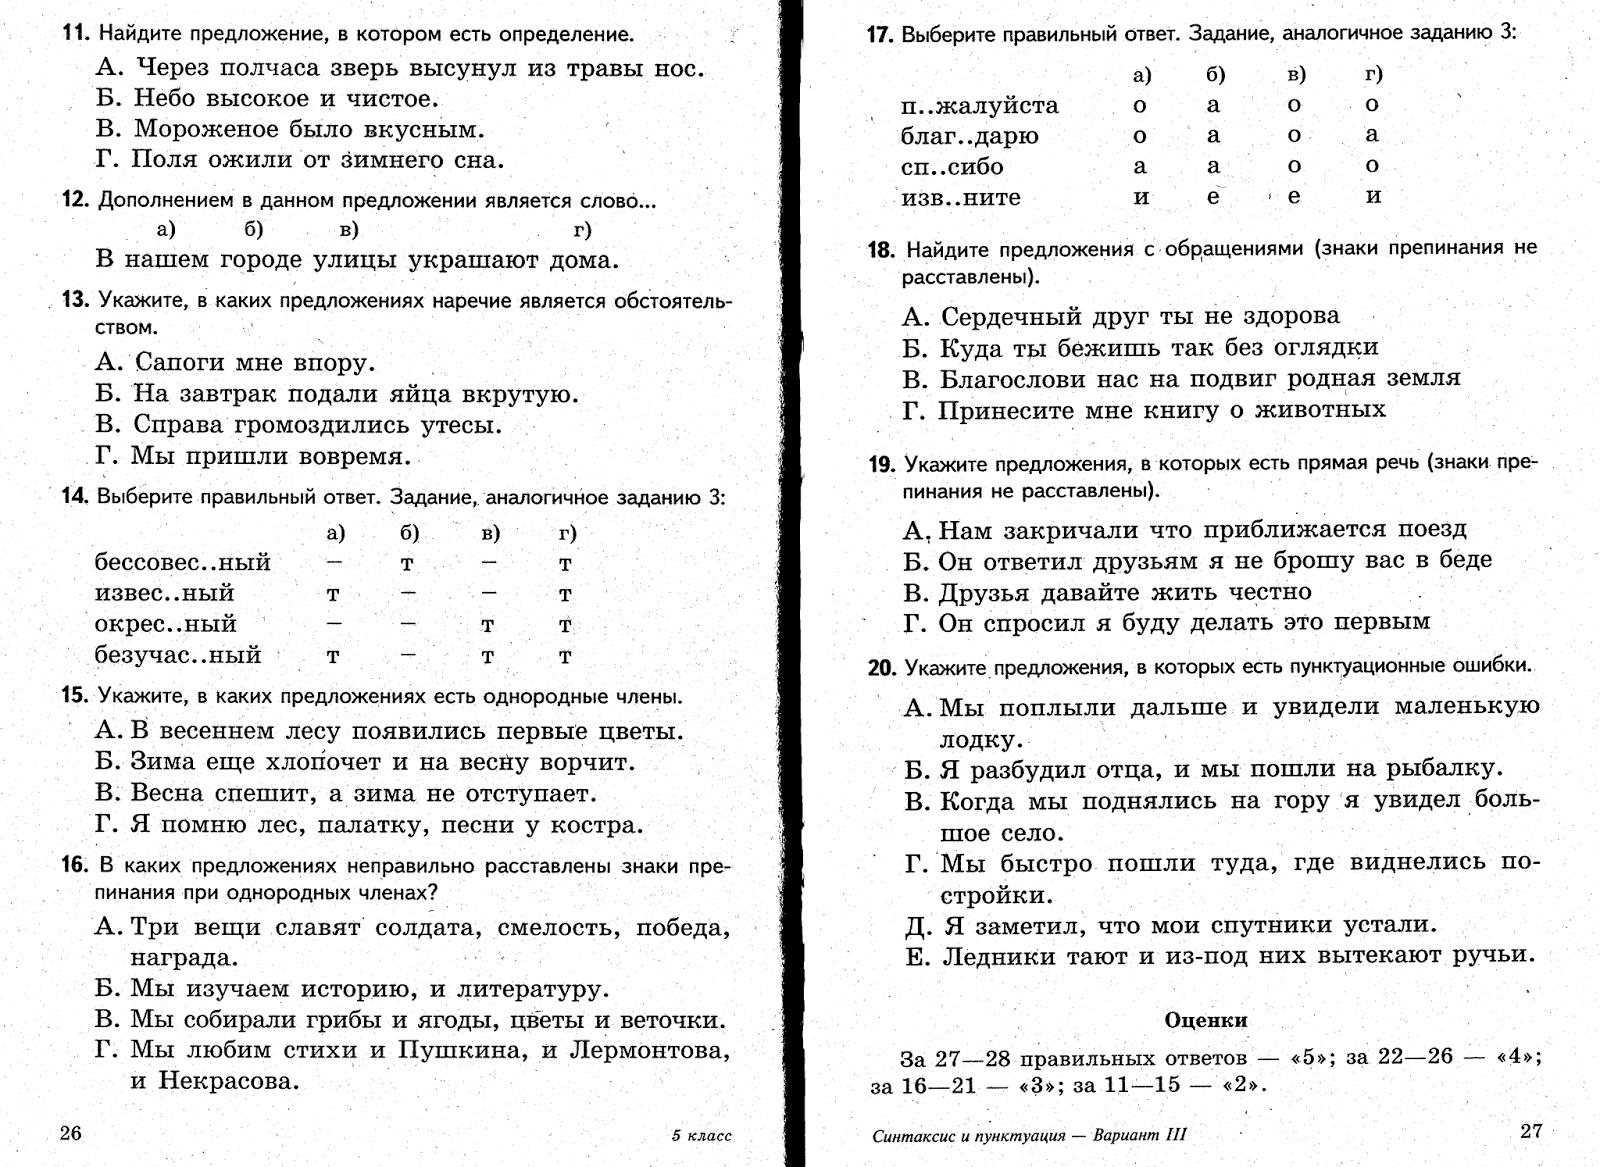 экзамеционная тестовая работа по русской литературе 10 класс вот пары воды